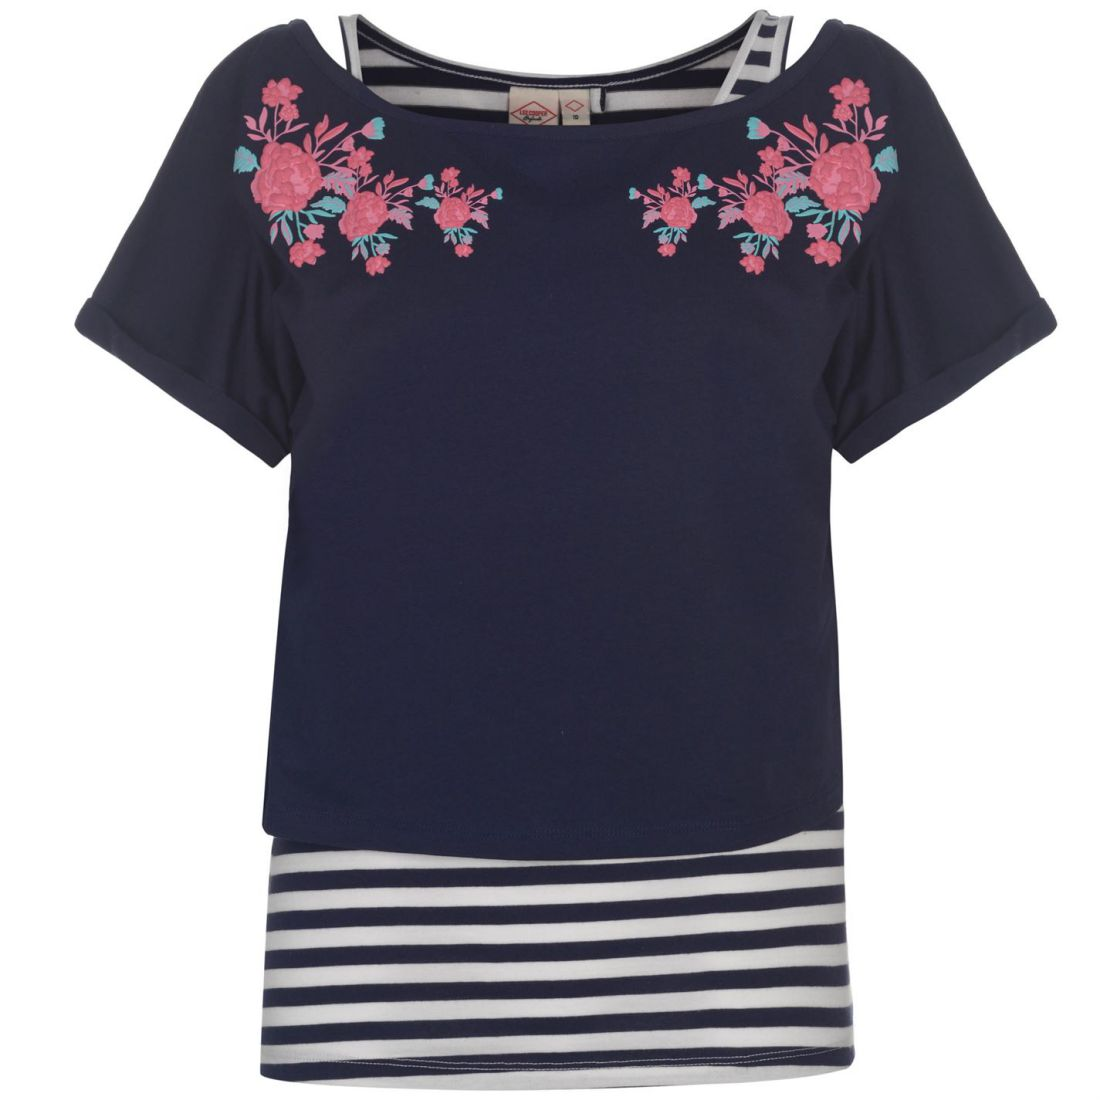 Lee Cooper Striped Double Layer T Shirt Ladies Sleeveless Tee Top Short Sleeve Den Speichel Auffrischen Und Bereichern